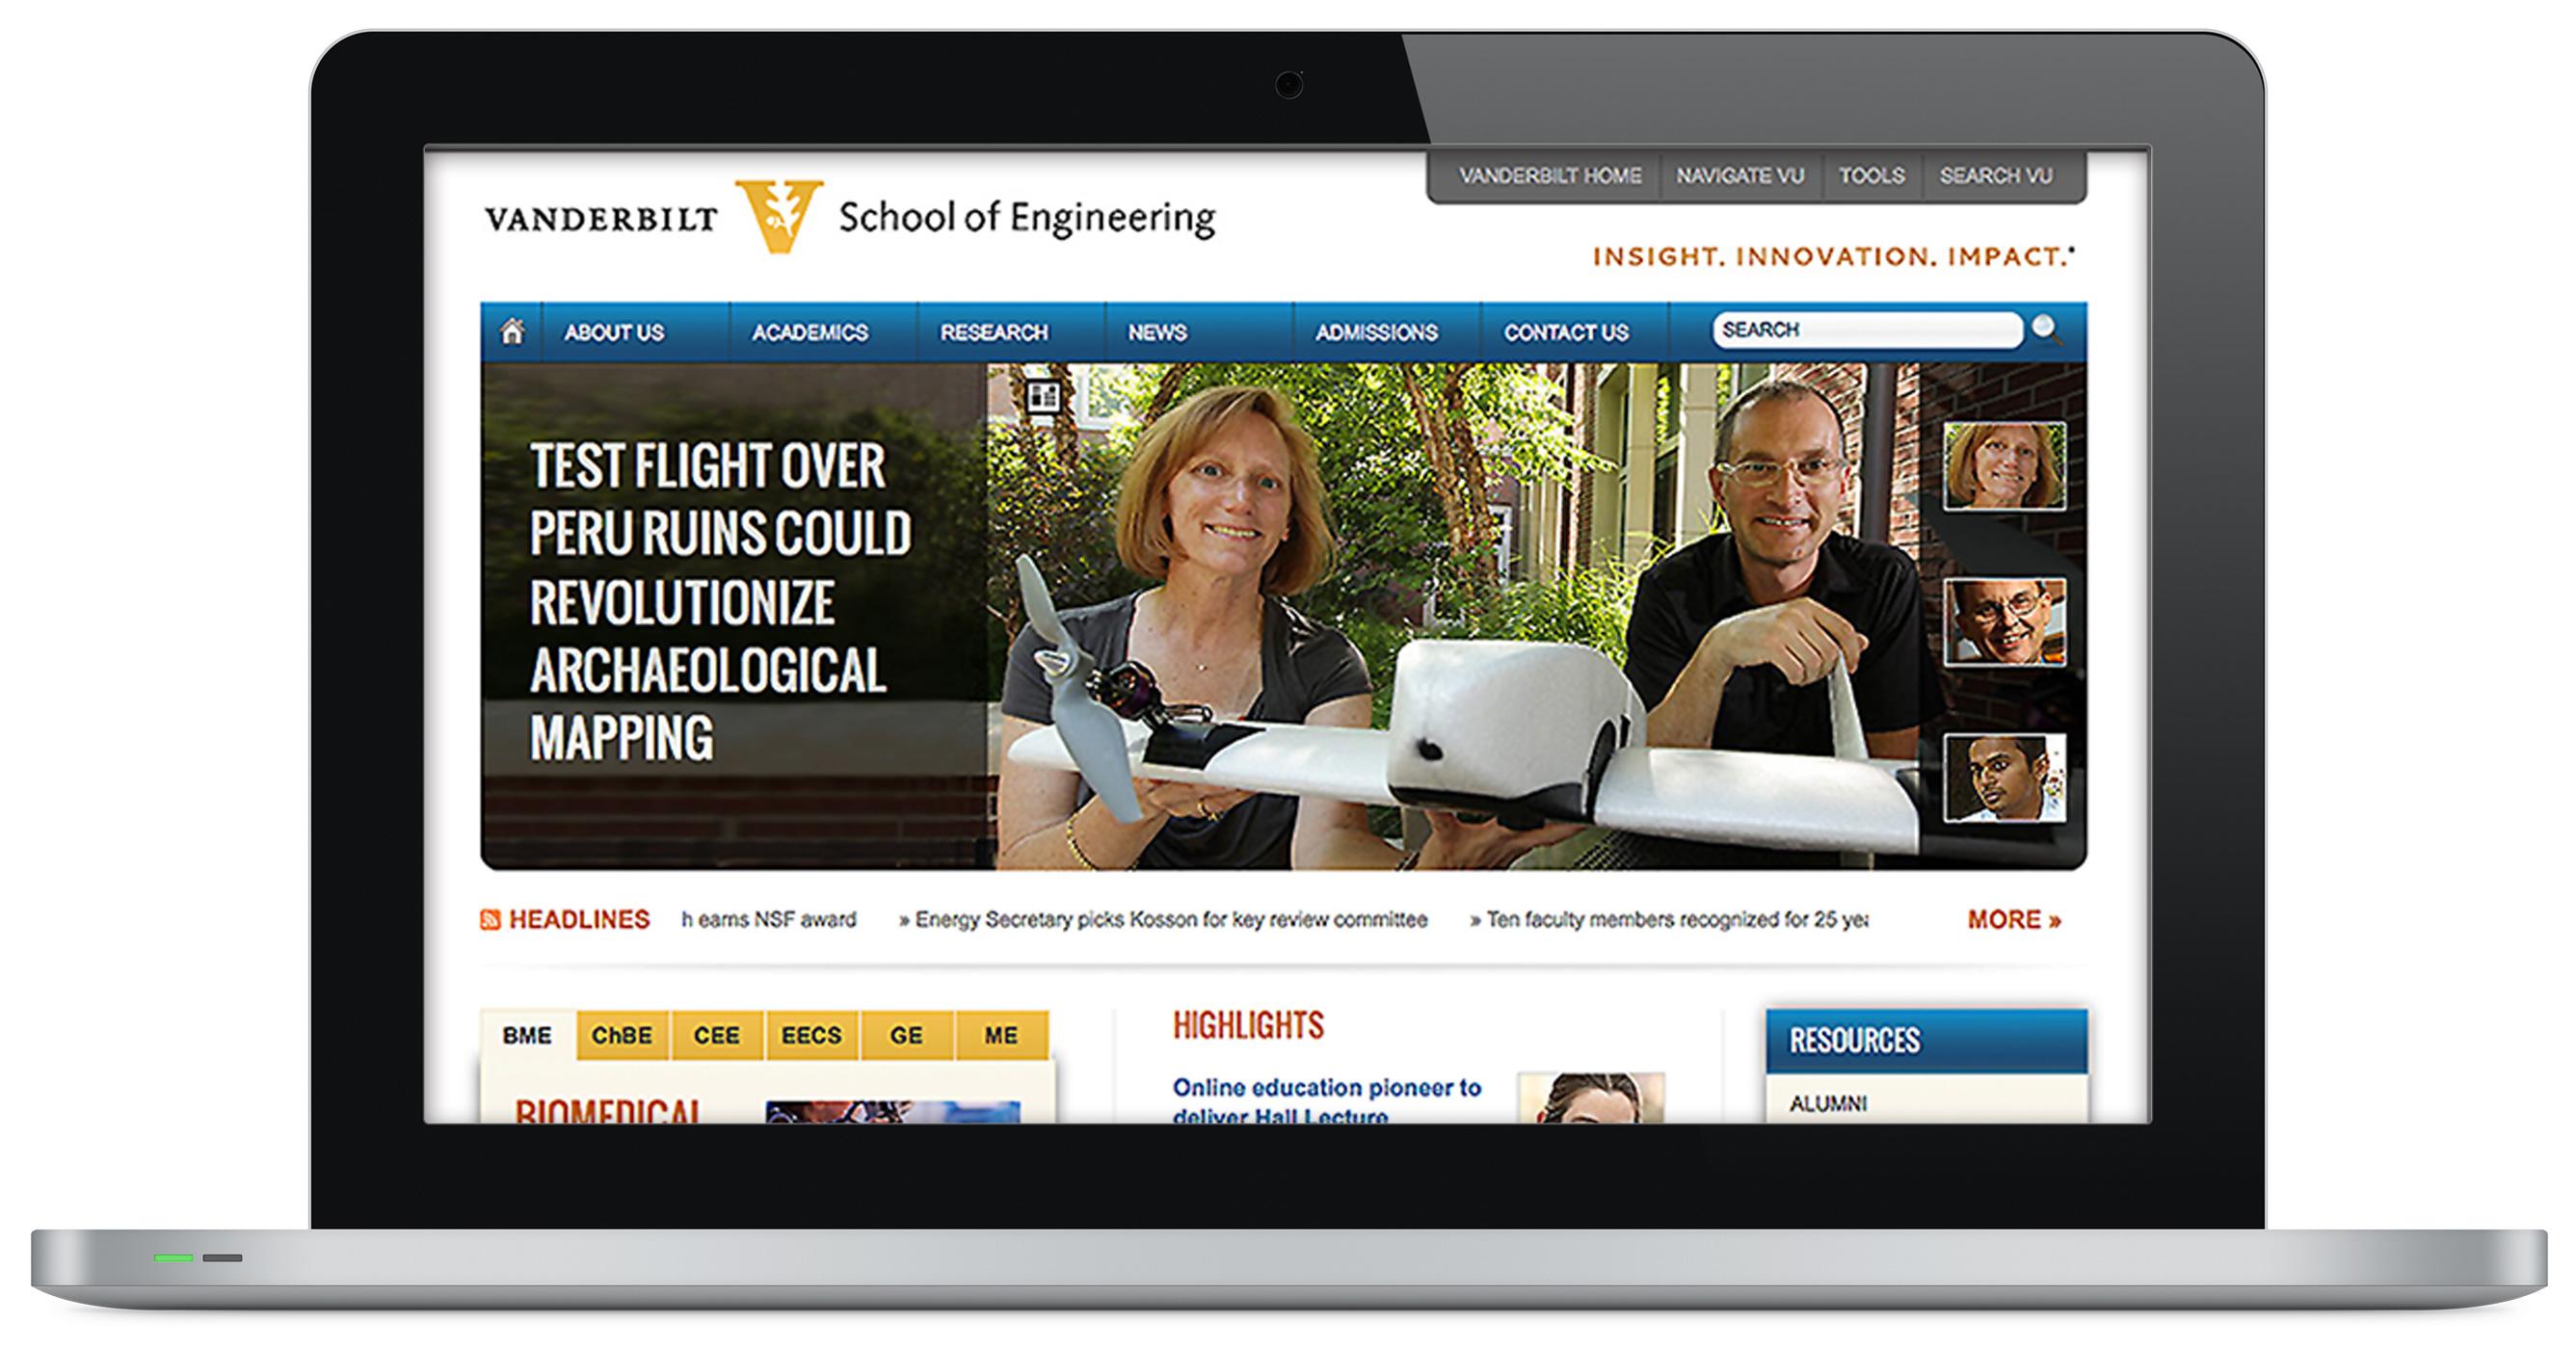 VUSE site design